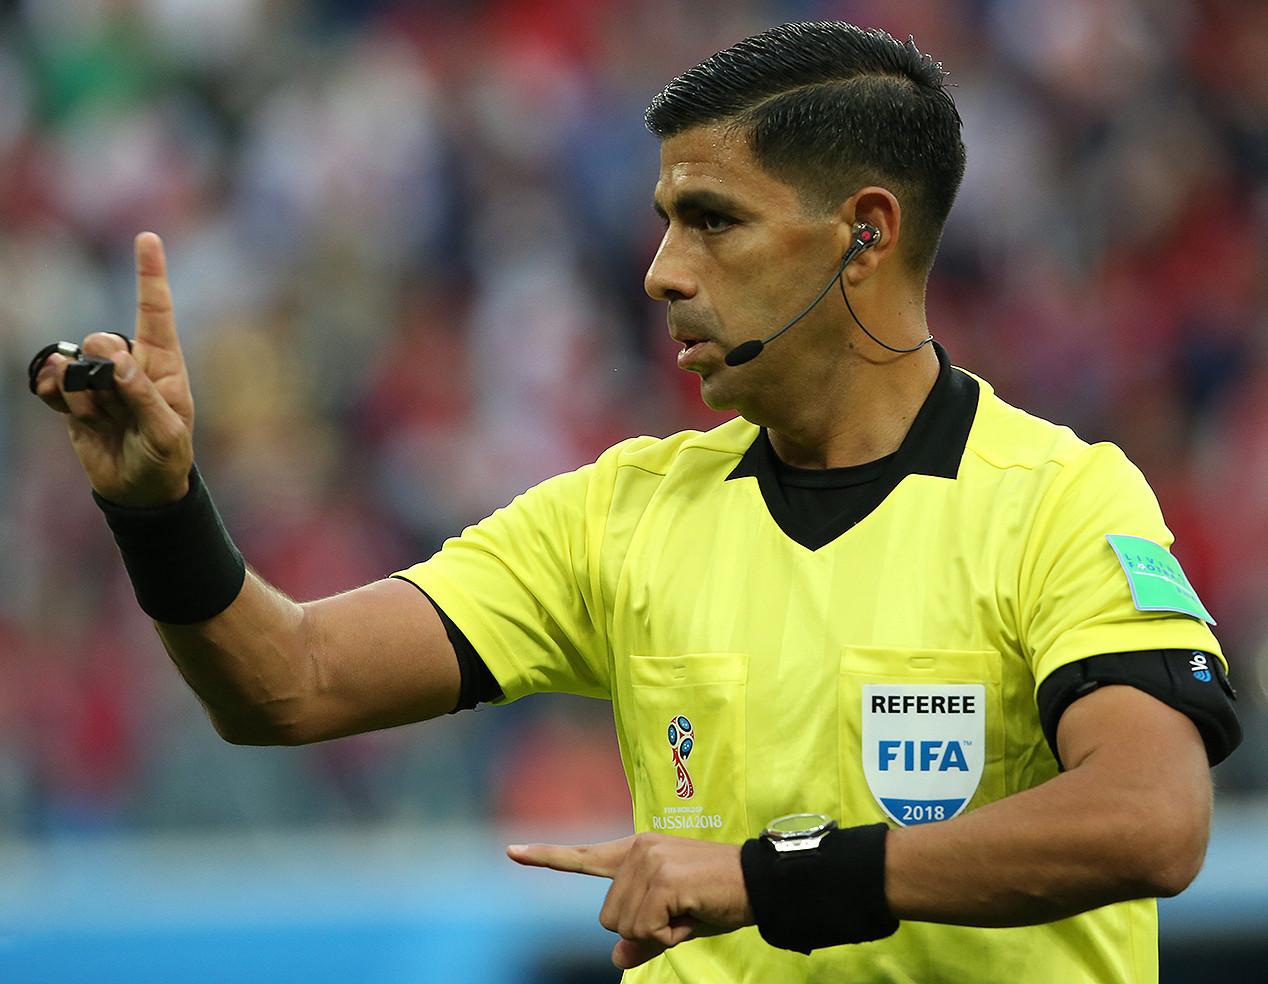 W 2019 roku zmienią się przepisy piłki nożnej?